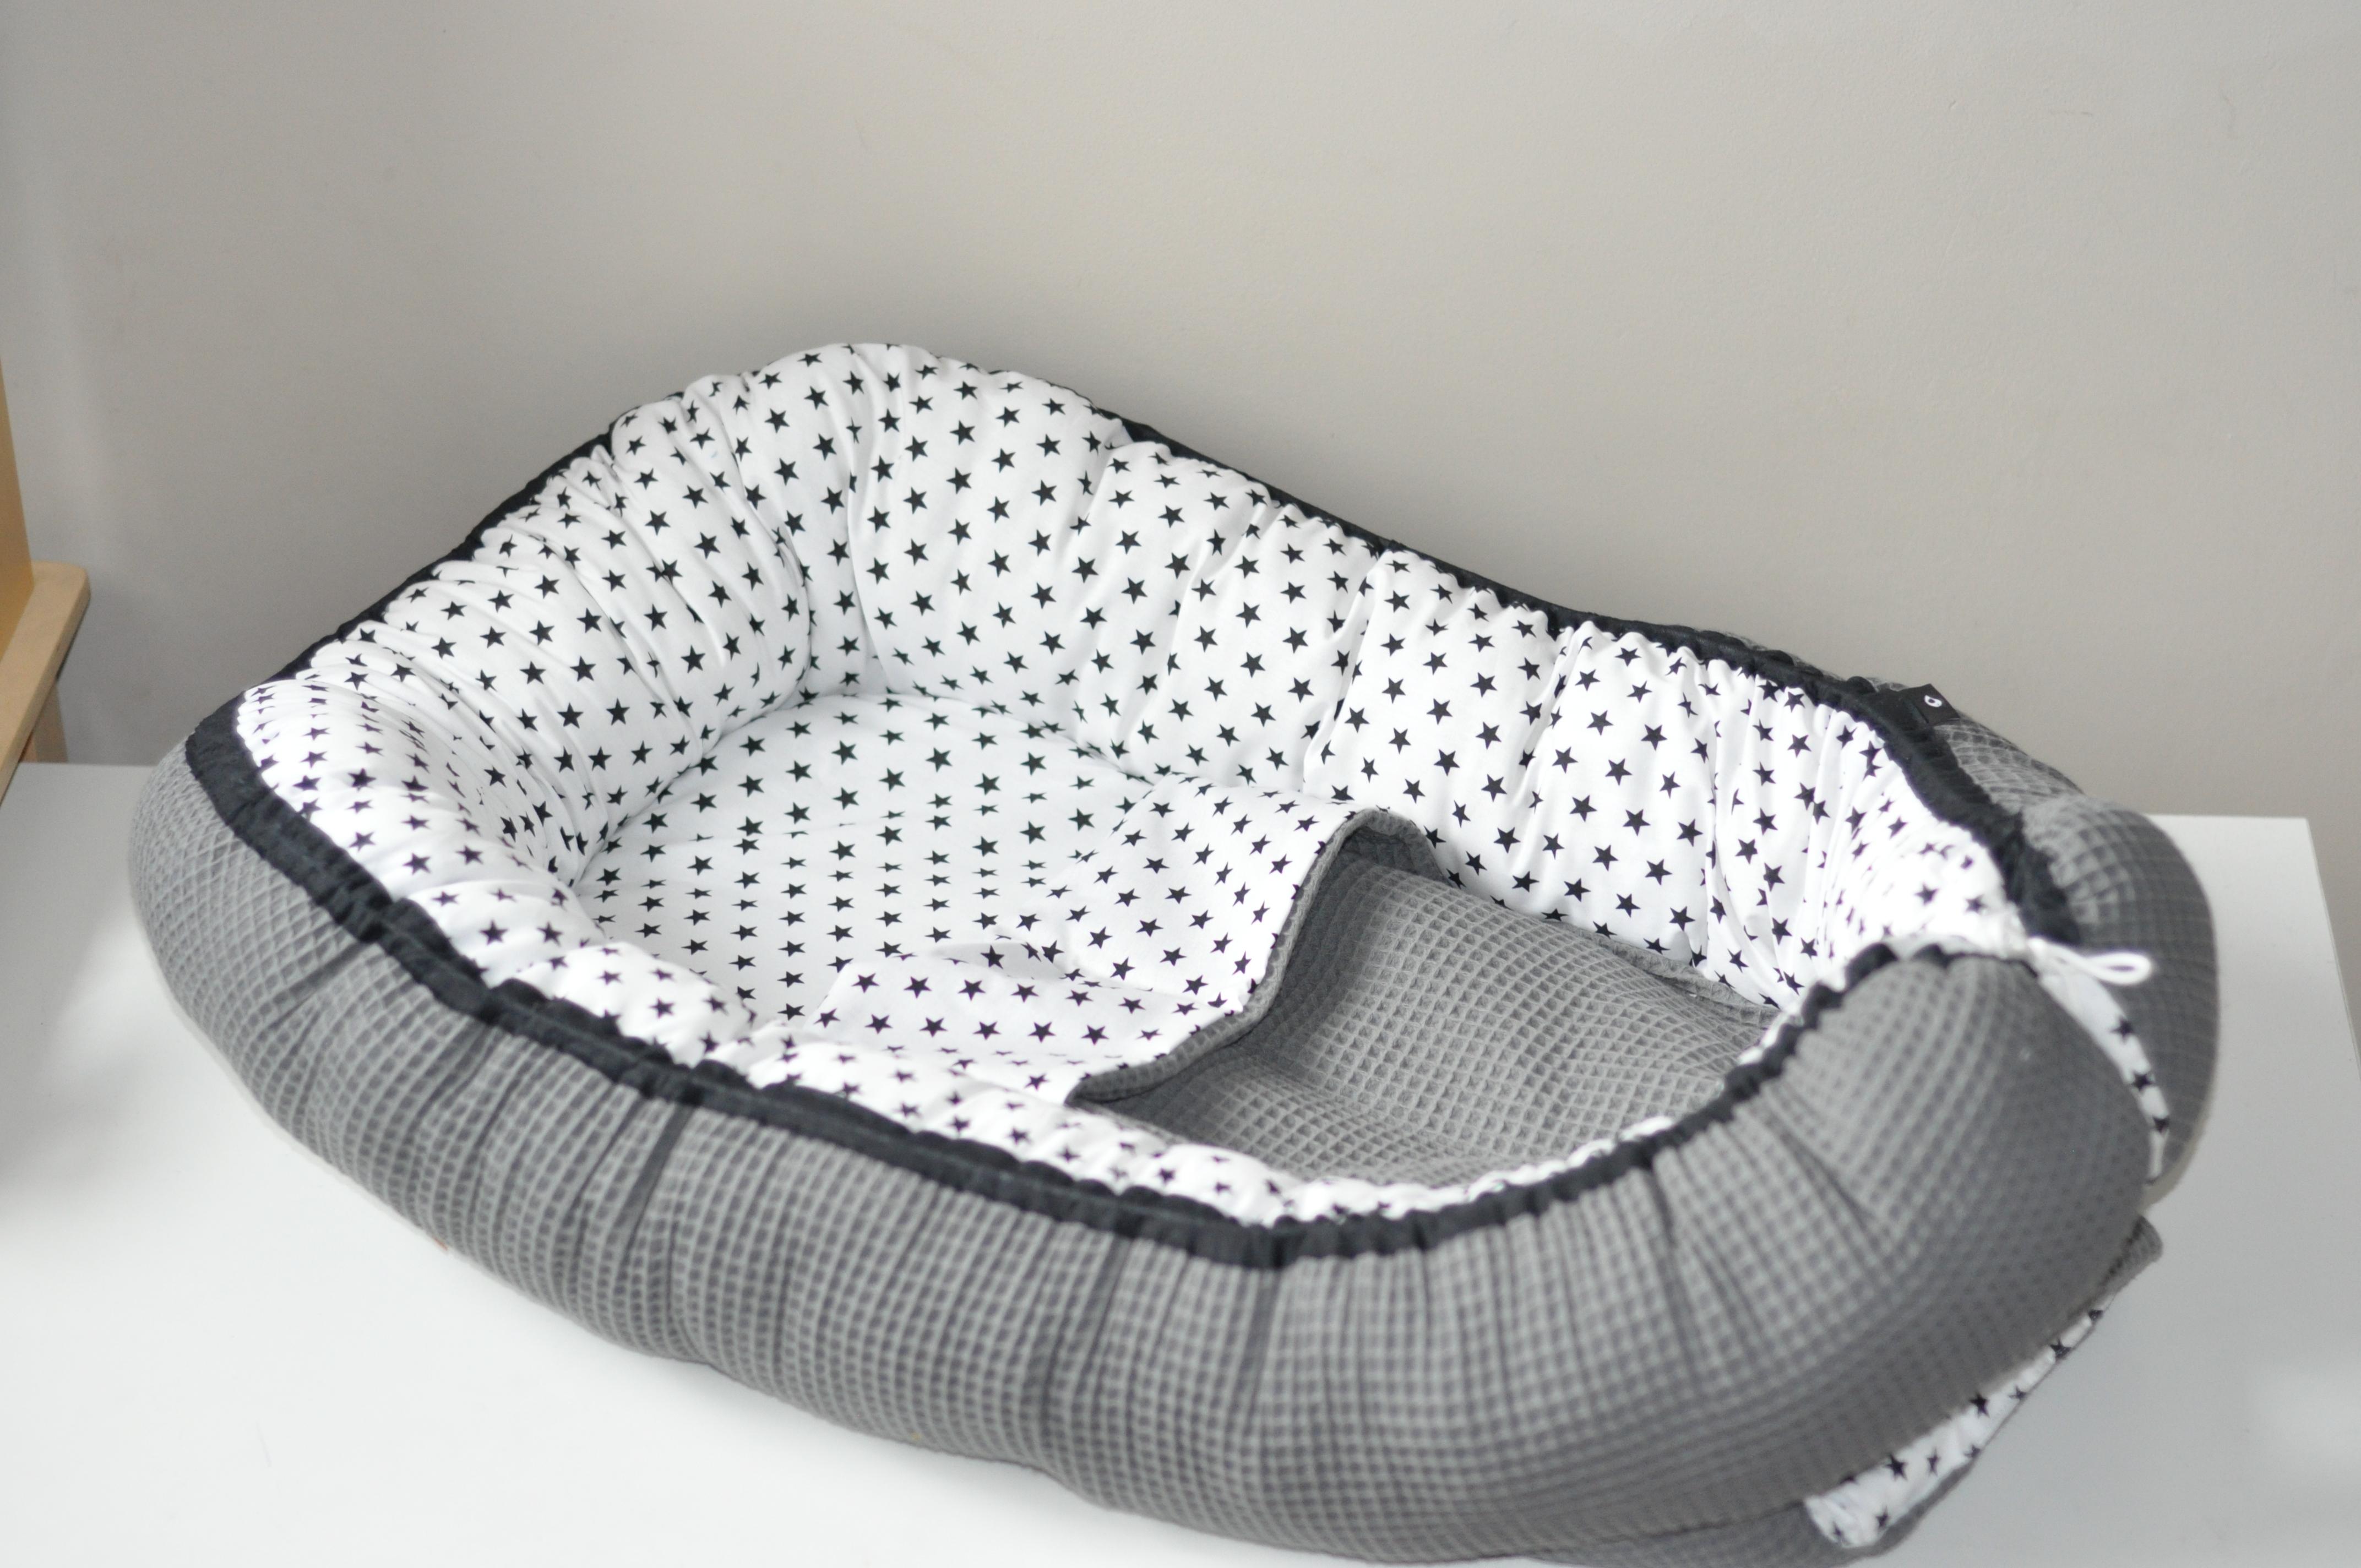 Compleet babynestje met deken gemaakt van wafelstof met ster zwart op wit